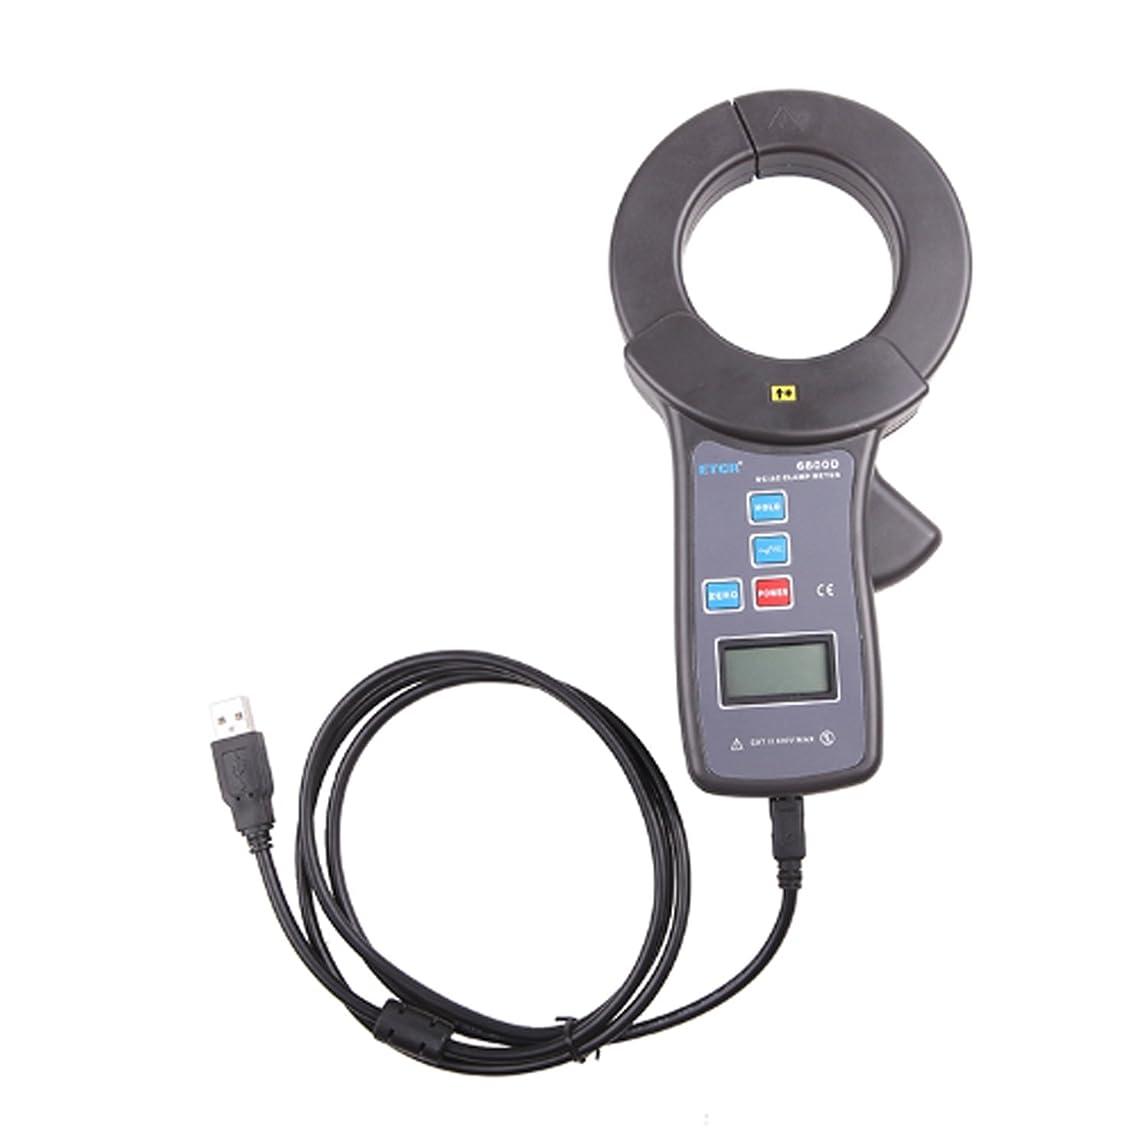 再生的区溶接測定器の精度 クランプ電流計DC/AC電流測定範囲DC 0.0A?2000A、AC 0.0A?1500A、ジョーサイズ直径68mm USBインターフェース付きデータアップロード機能データ保存99グループETCR6800D